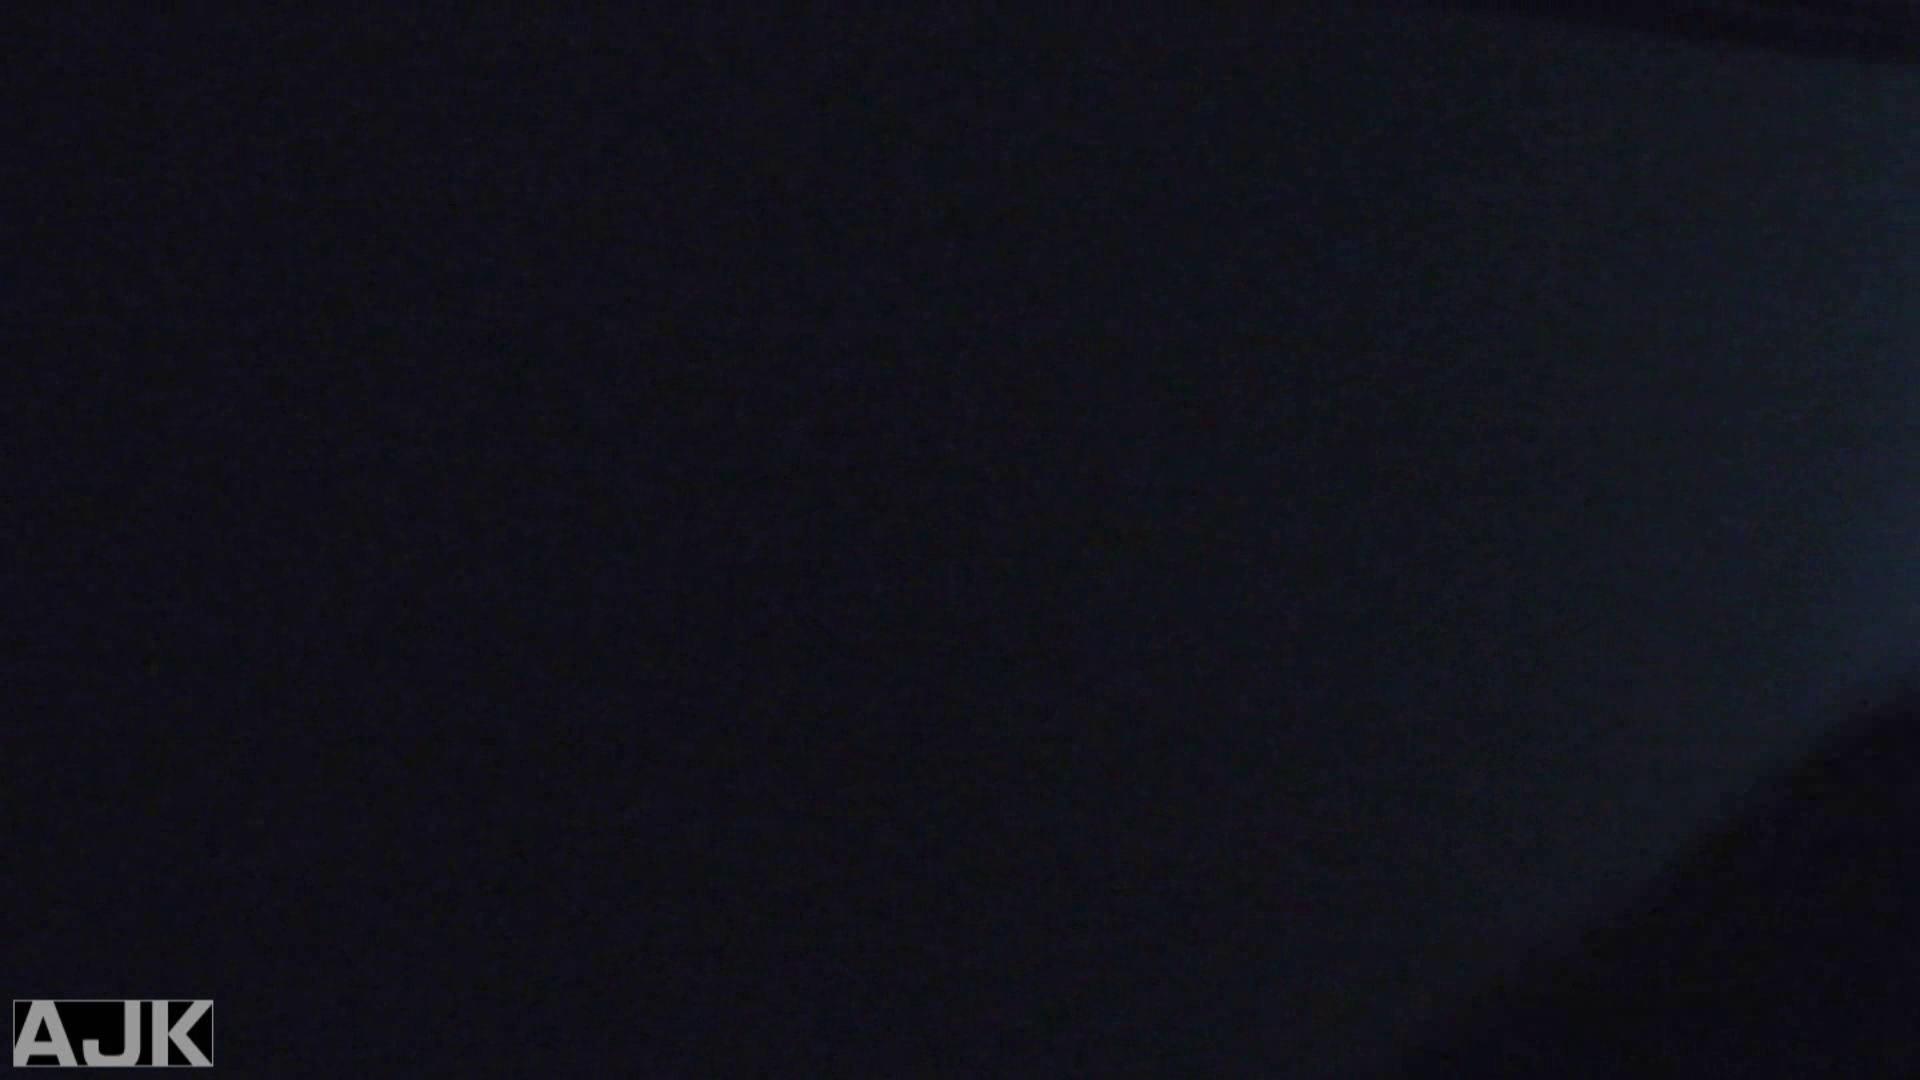 神降臨!史上最強の潜入かわや! vol.22 潜入  112PIX 36